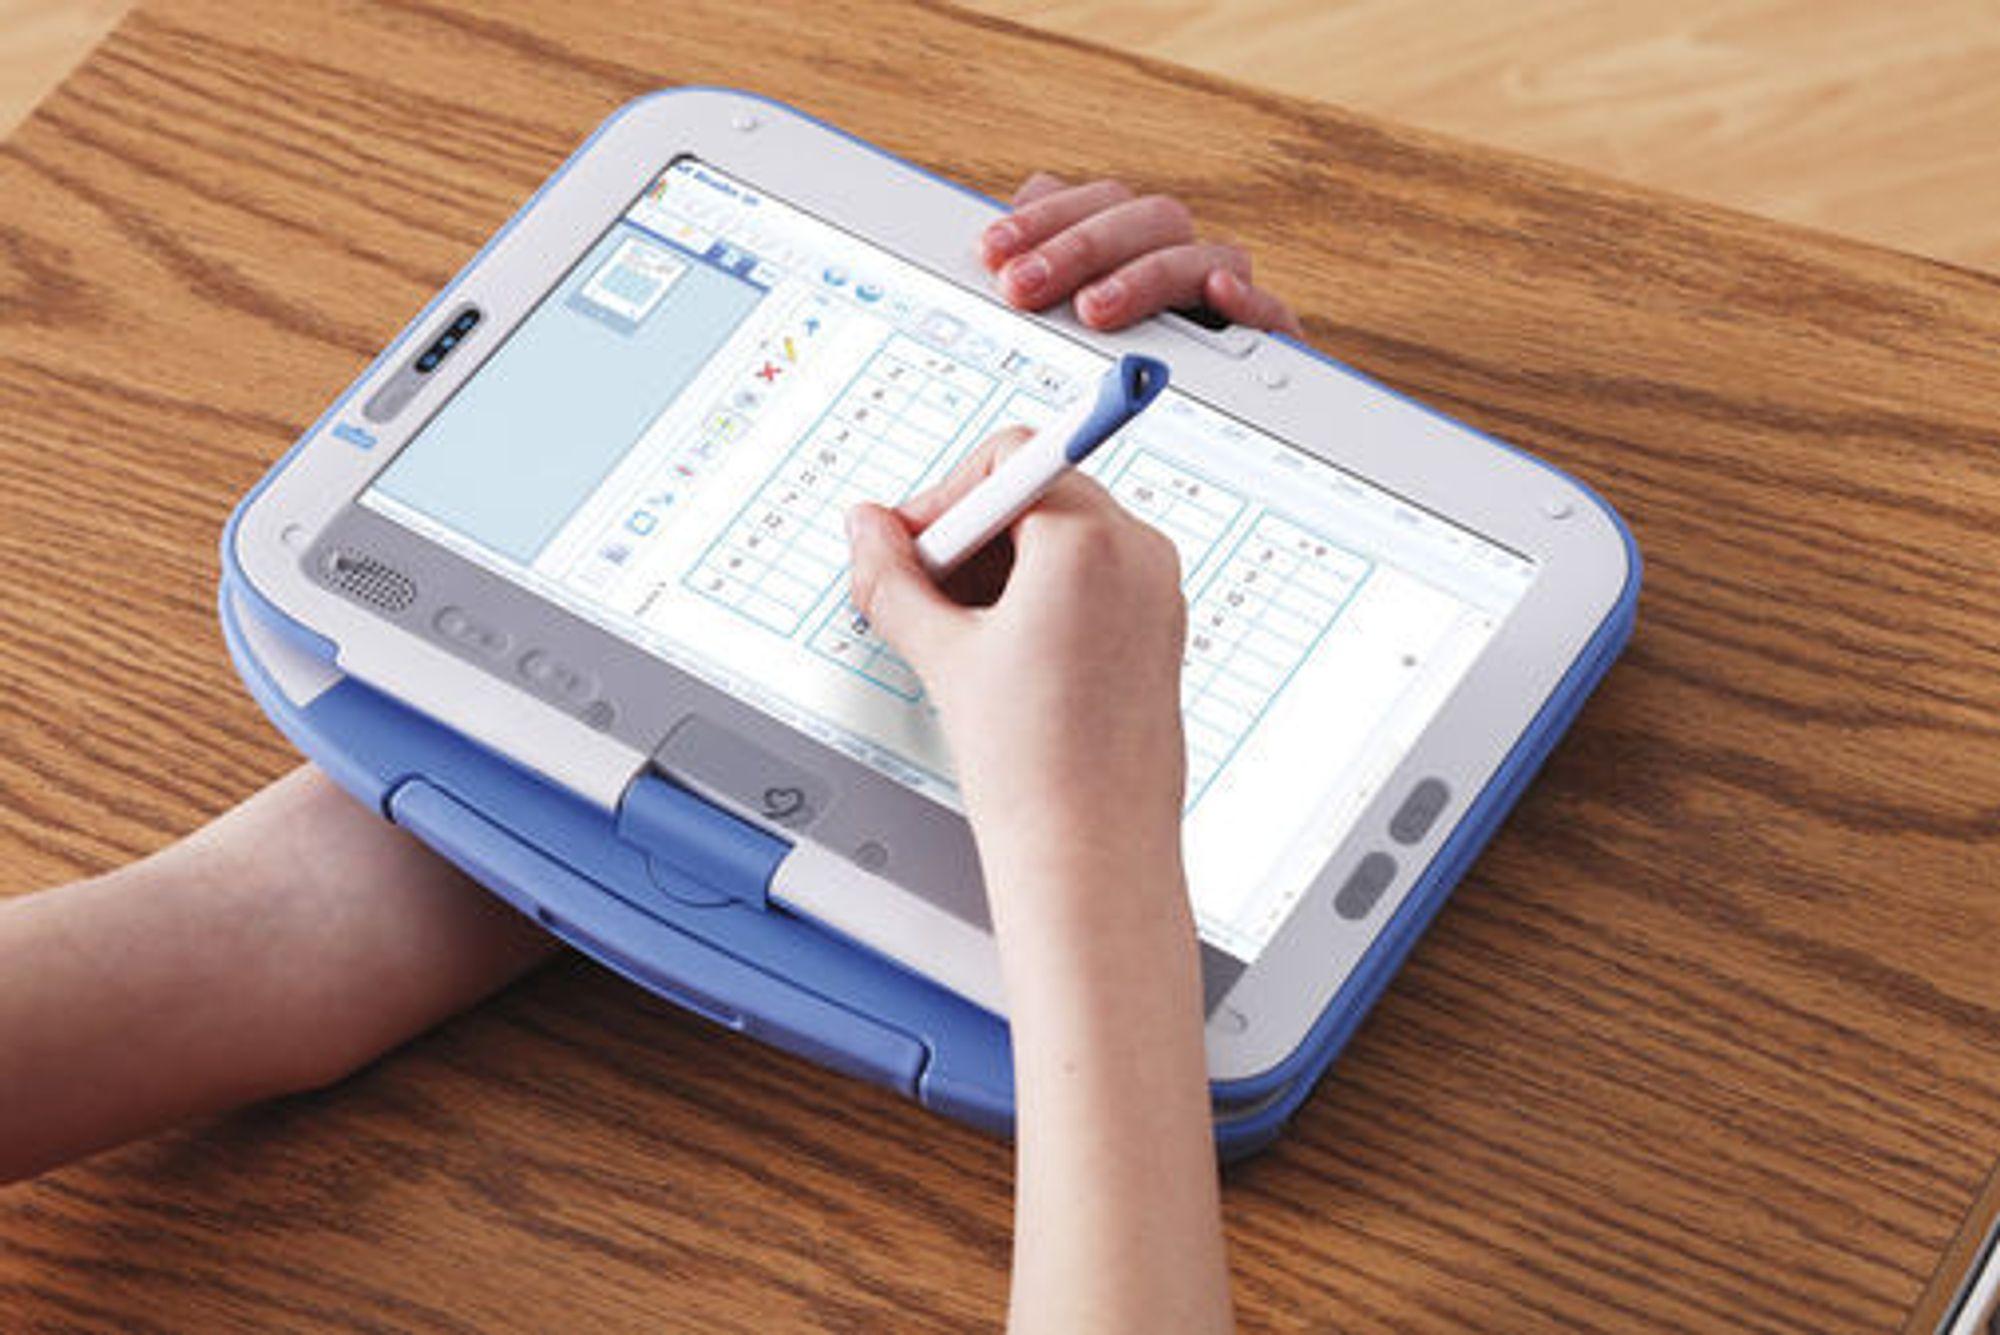 Brukt med spesialpenn settes skjermen i en modus som gjør at håndtrykk på skjermen ikke ødelegger for betjeningen. Programvare i maskinen gjenkjenner håndskrift og gjør det mulig å gjøre lekser ved å fylle ut oppgaveskjemaer.